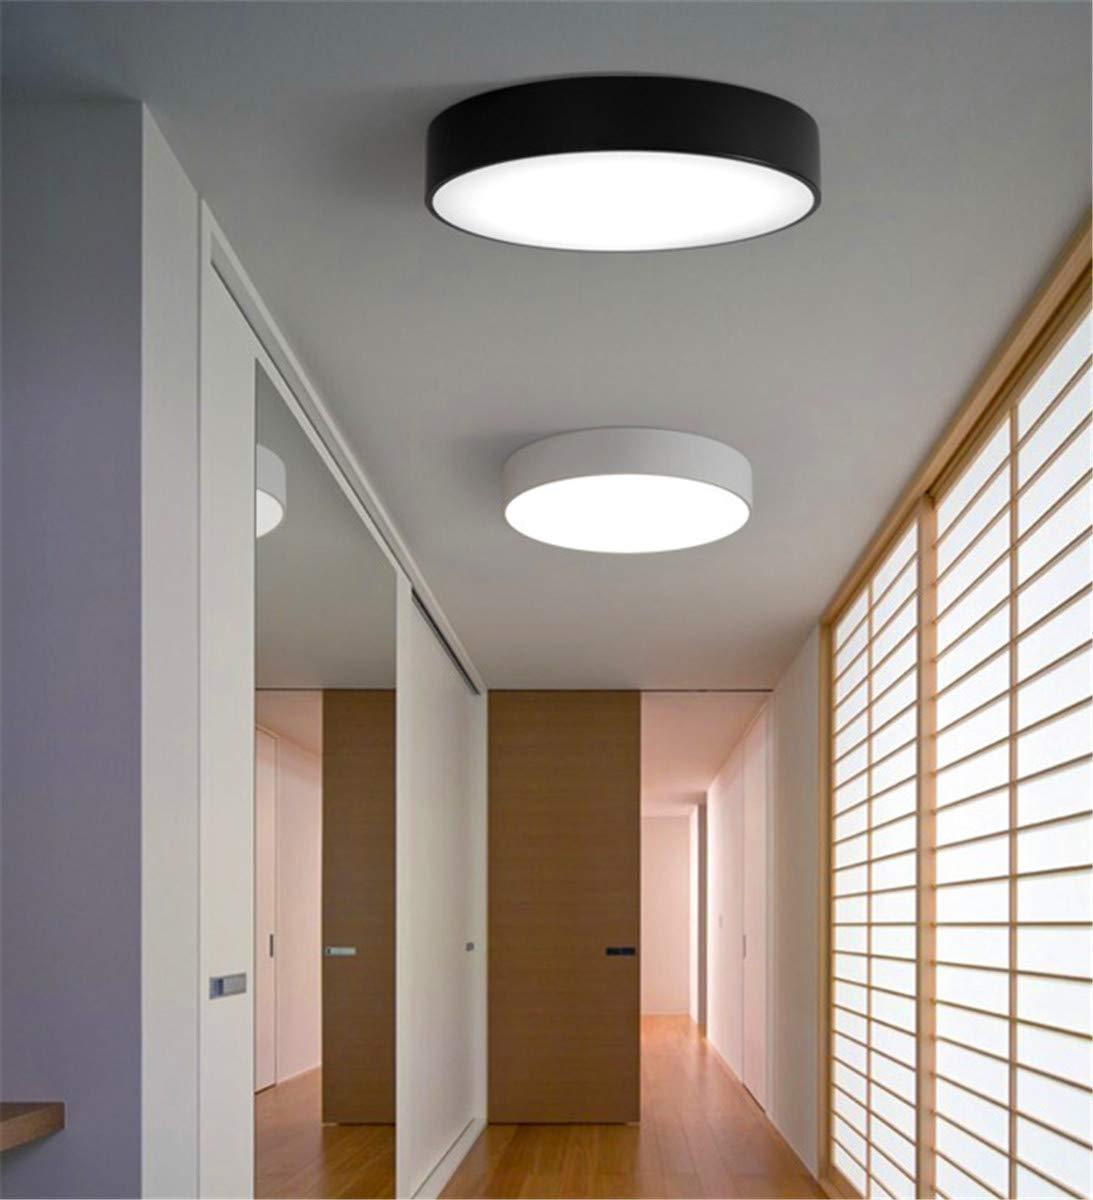 Led Lámpara Estar De Sala Techo Shenhai Moderna EHW92DI